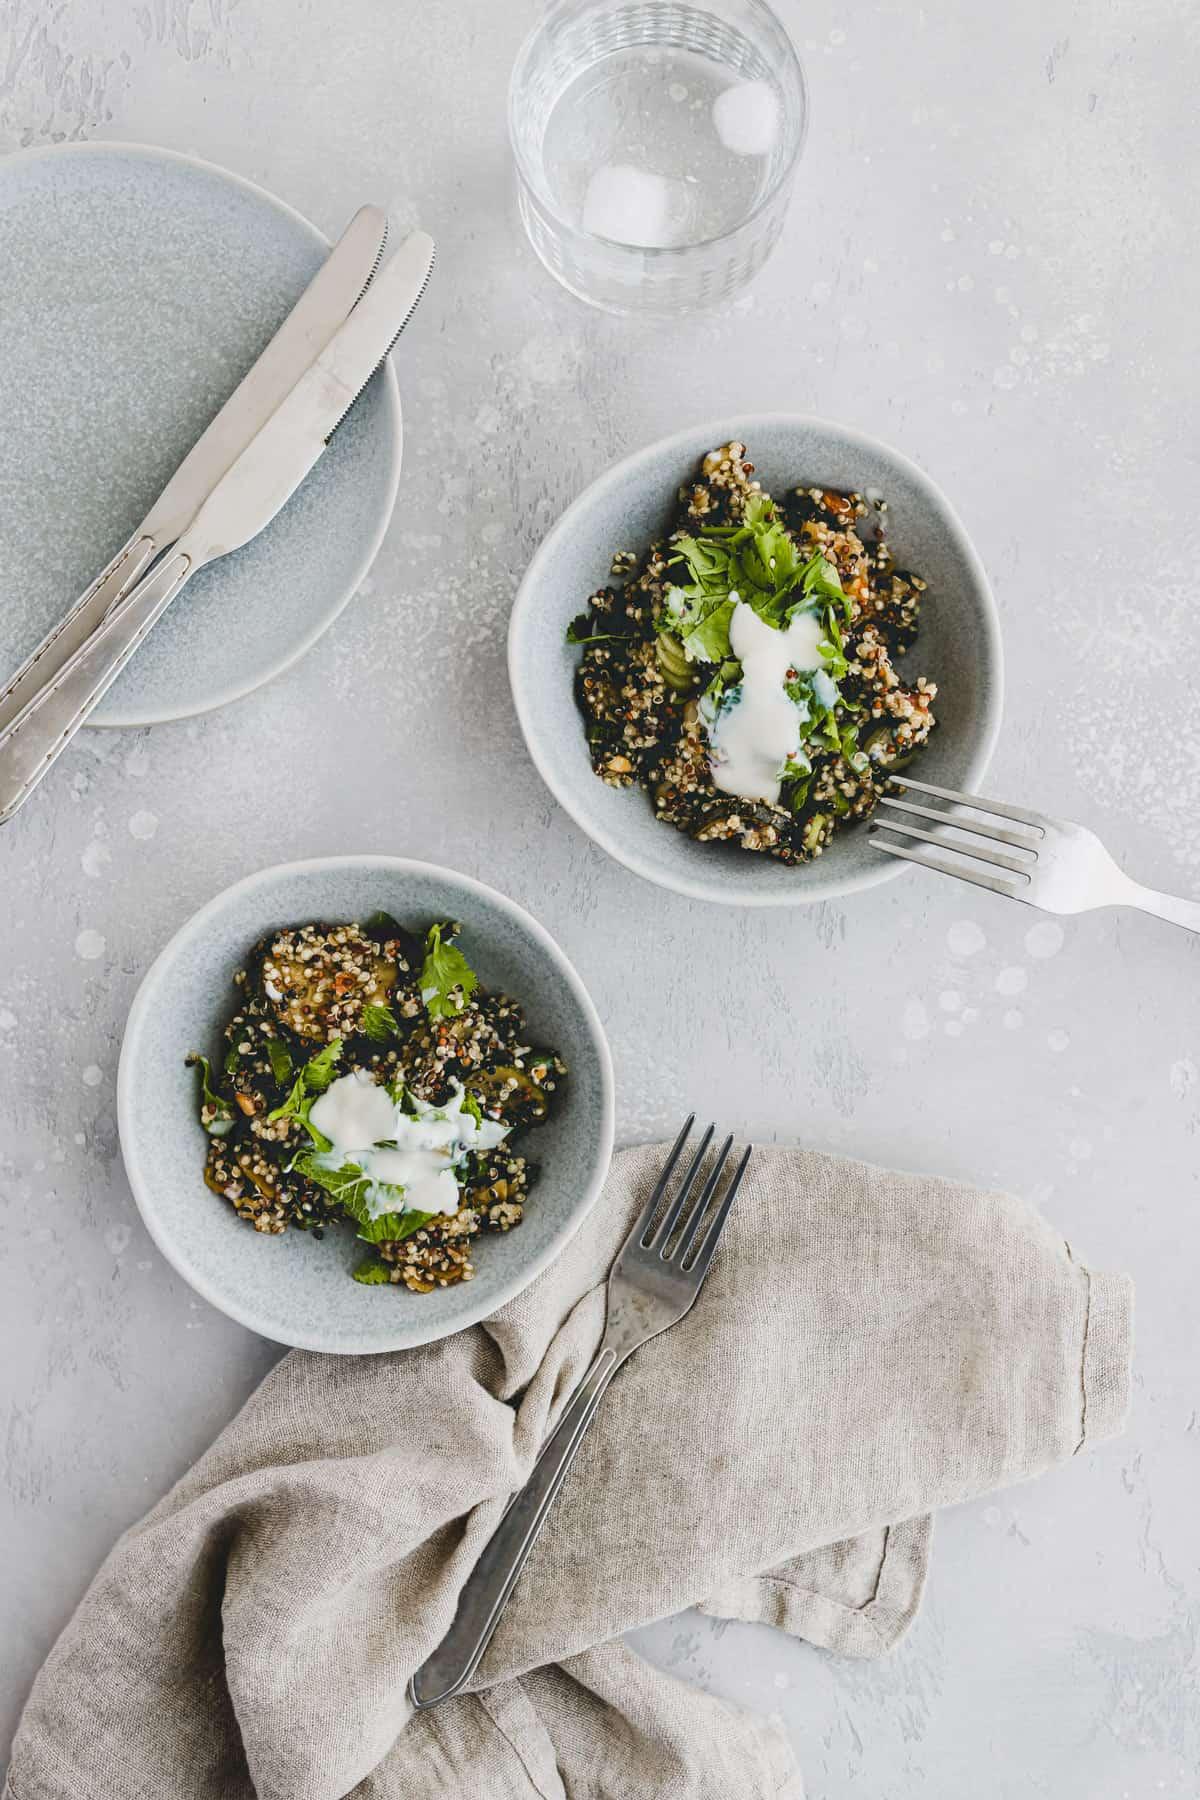 veganer quinoa salat mit joghurt und kräutern in zwei blauen schüsseln